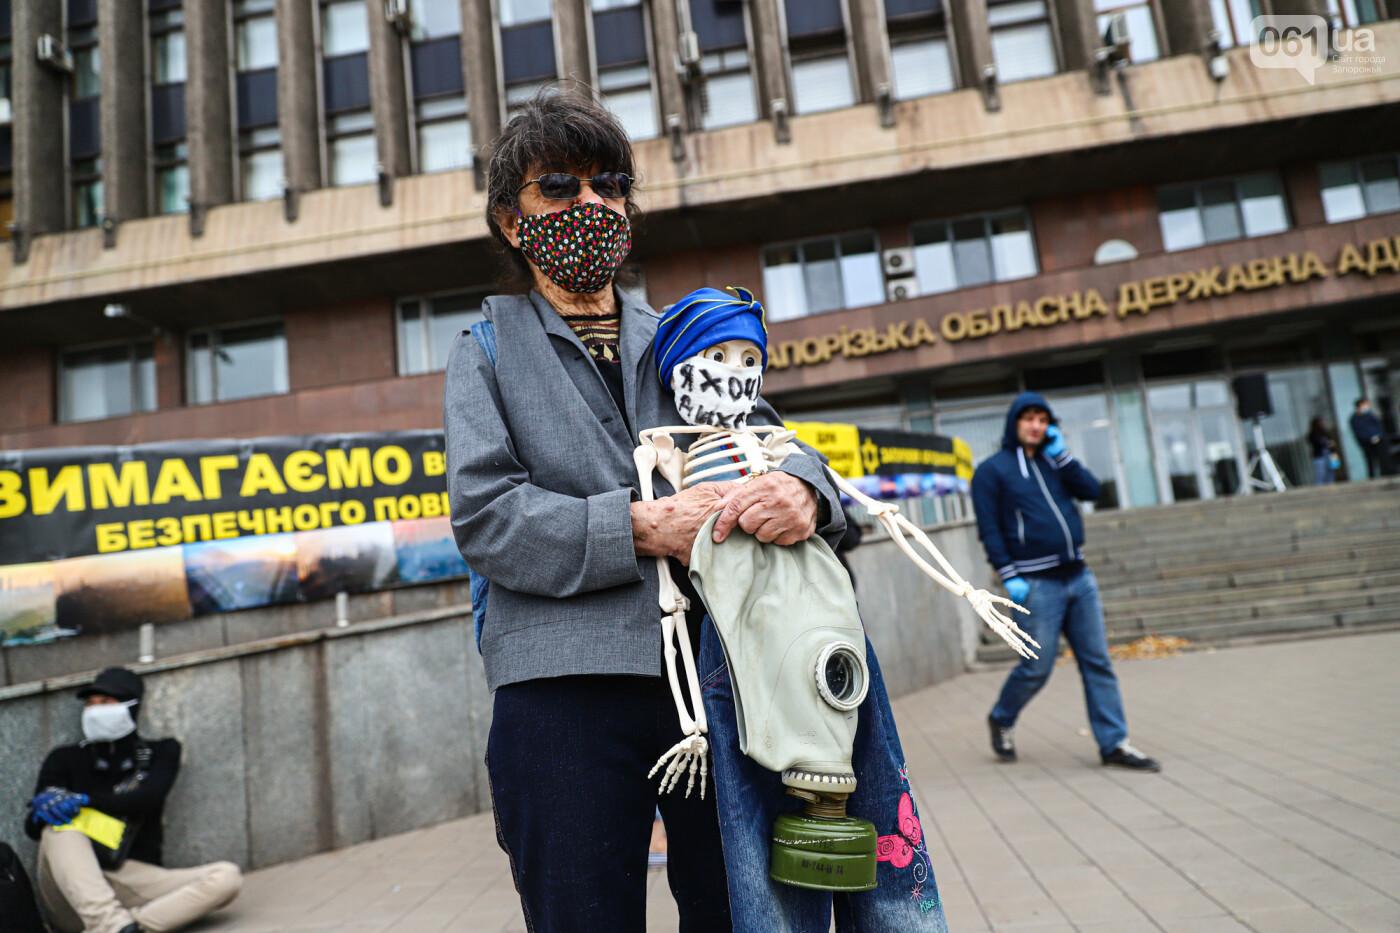 Маю право дихати: тысячи запорожцев вышли на экологический митинг, ФОТО, ВИДЕО, фото-7